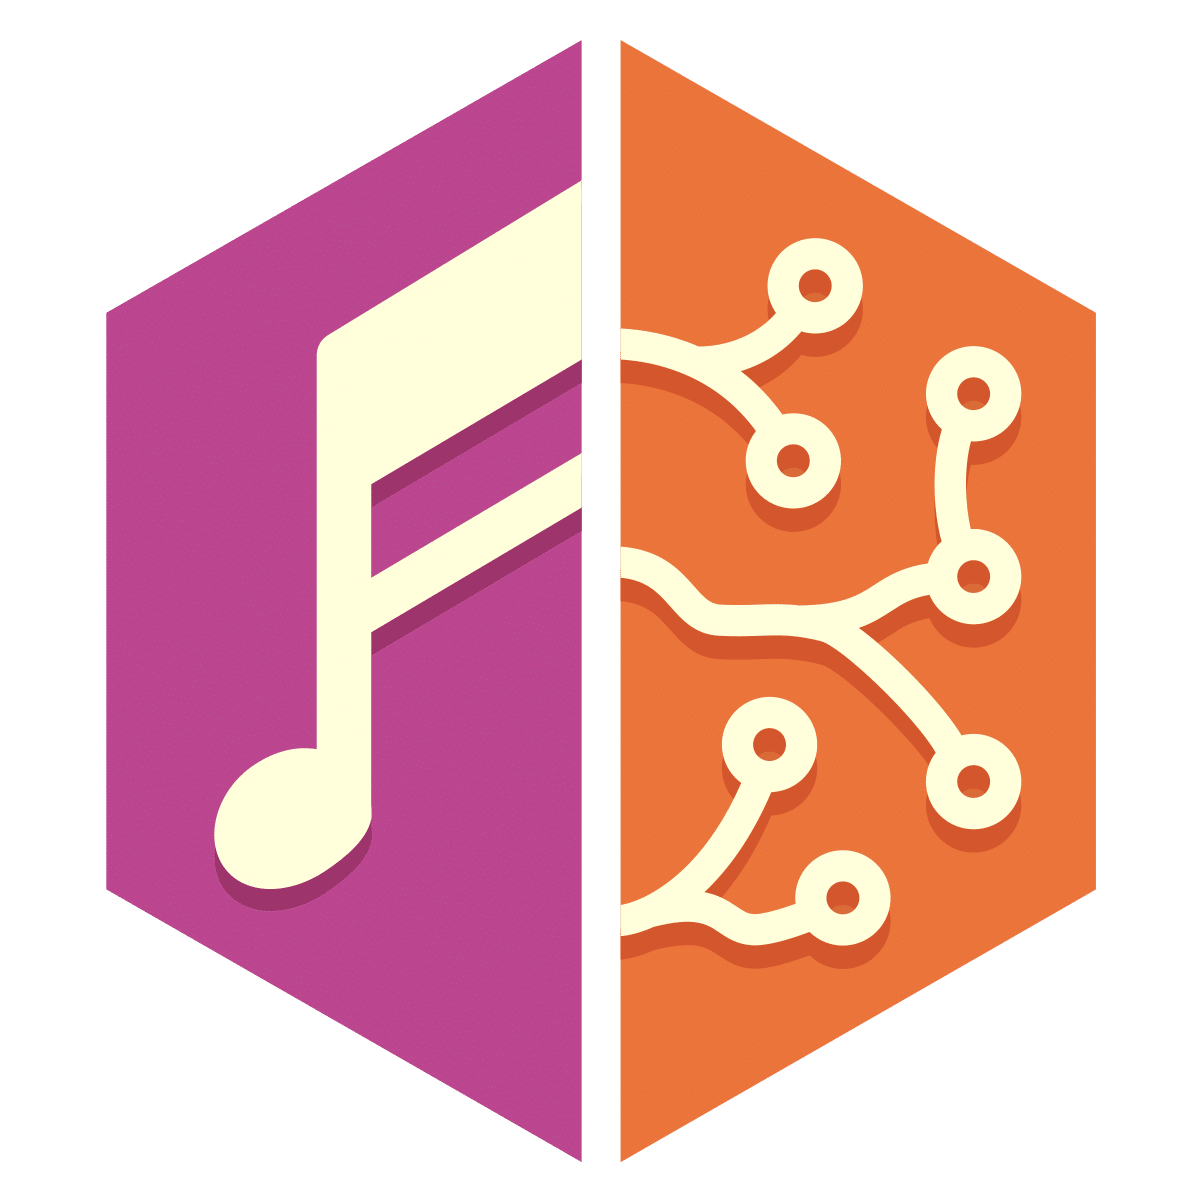 Logotipo de MusicBrainz